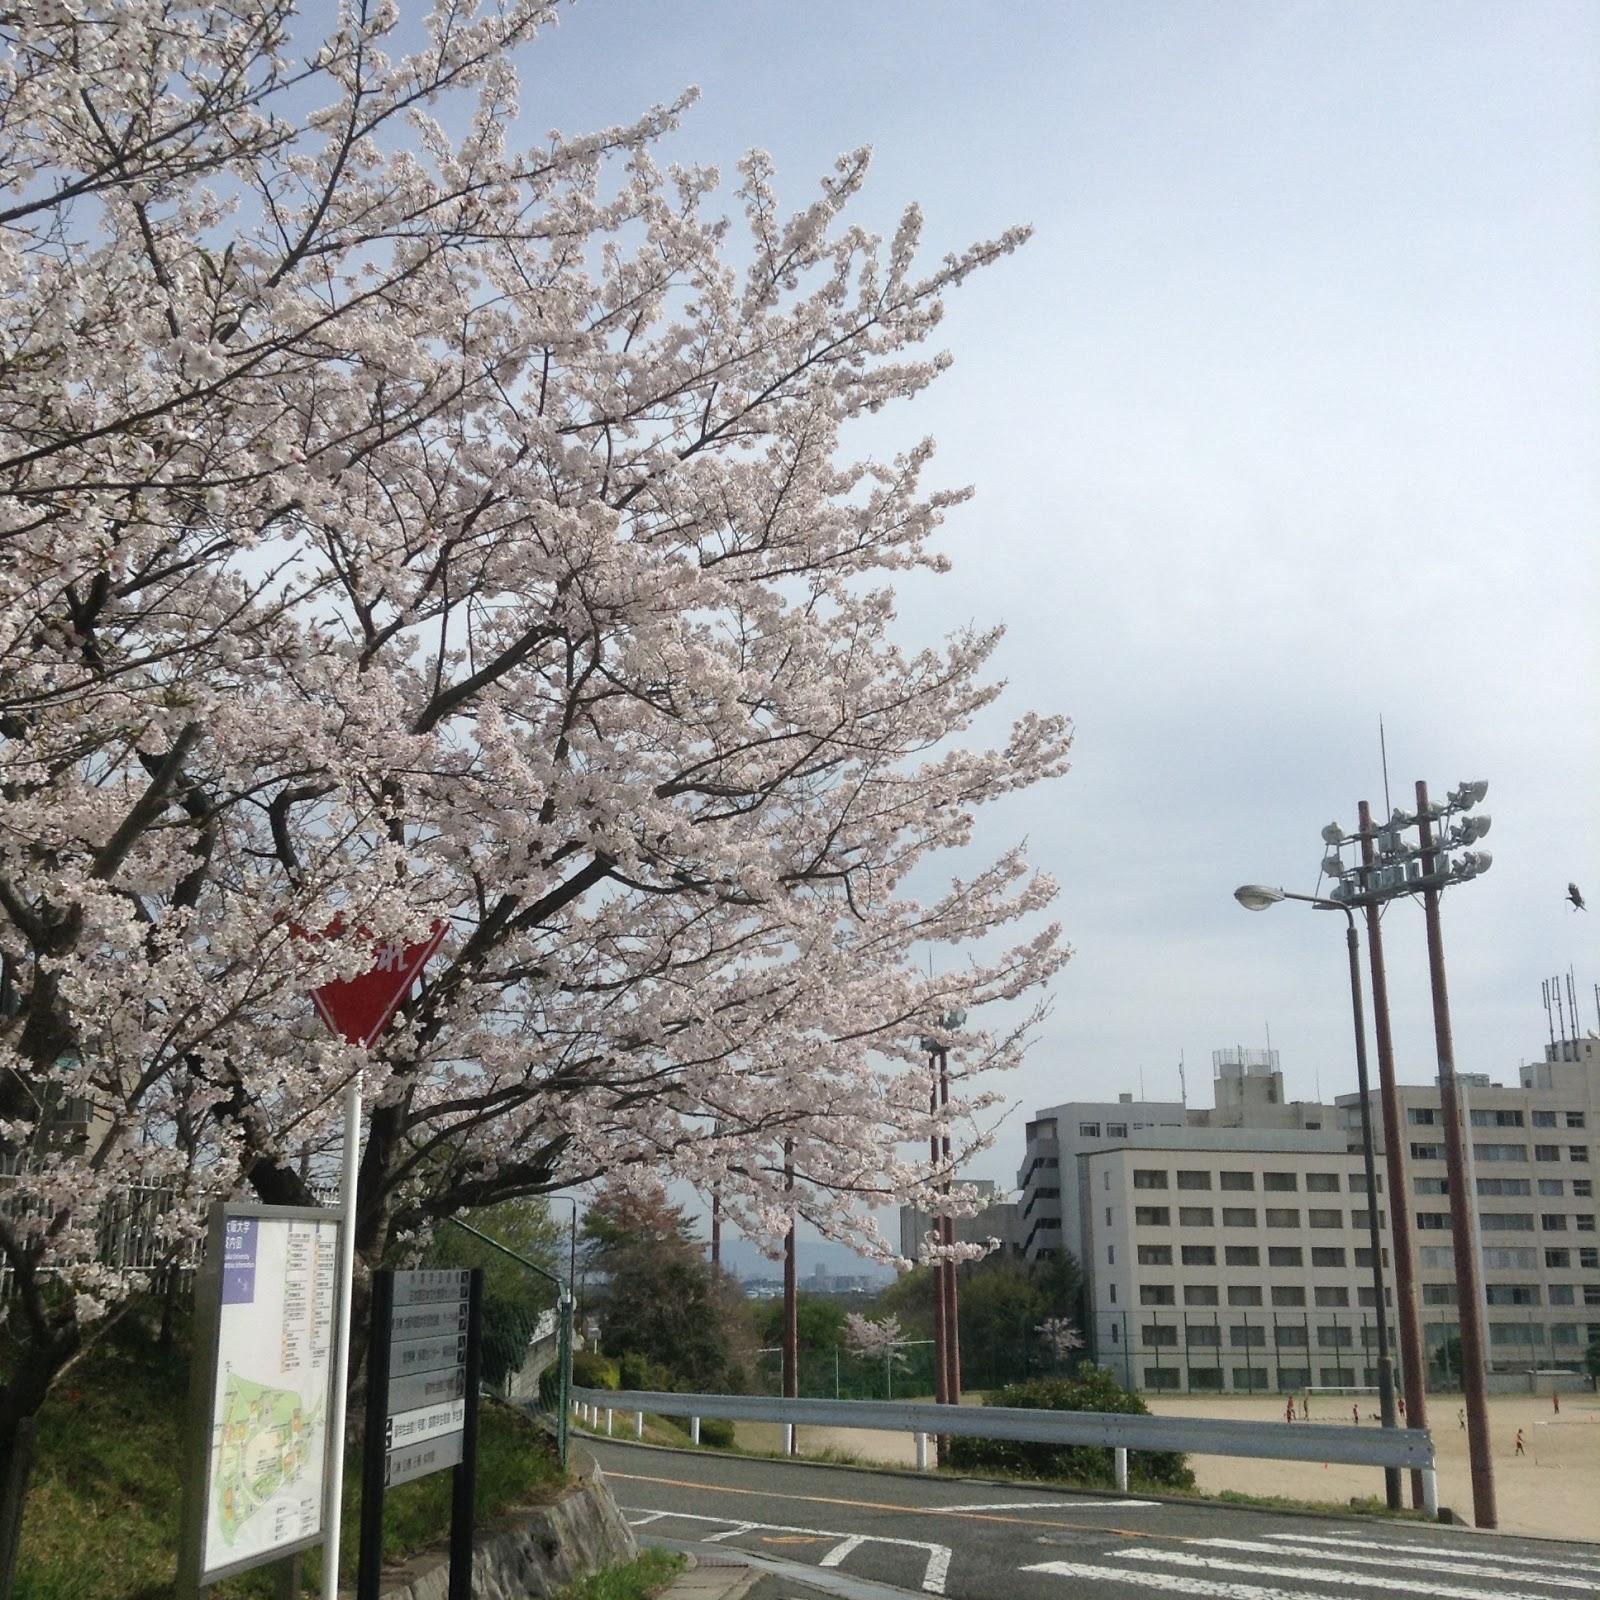 Osaka university Sakura